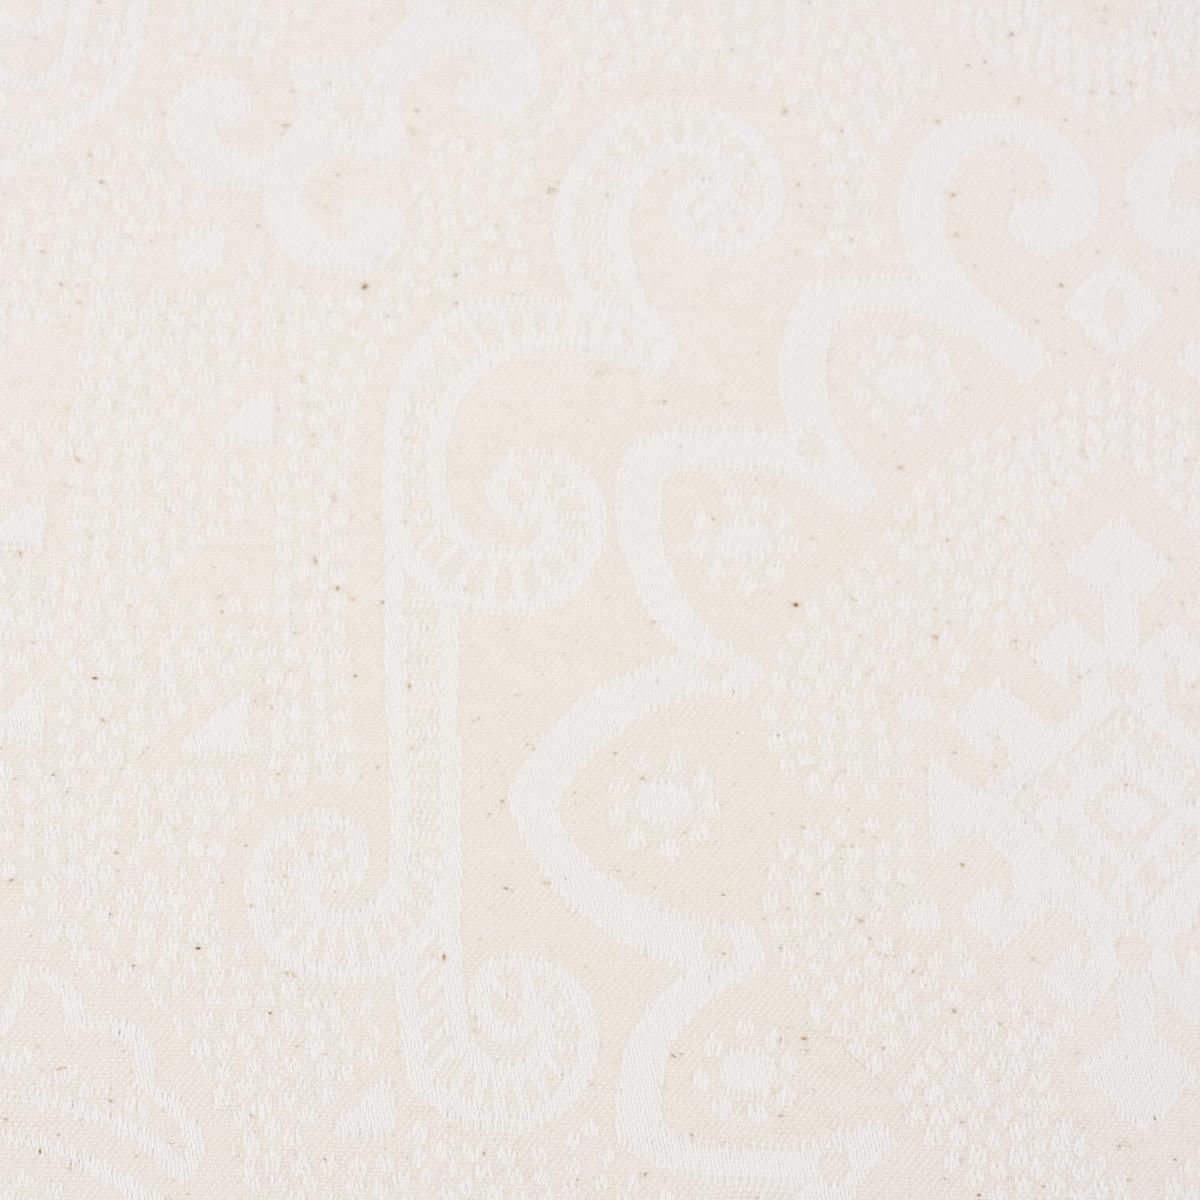 Tischdeckenstoff Damast Tischwäschestoff Dekostoff Ornamente natur 1,6m Breite